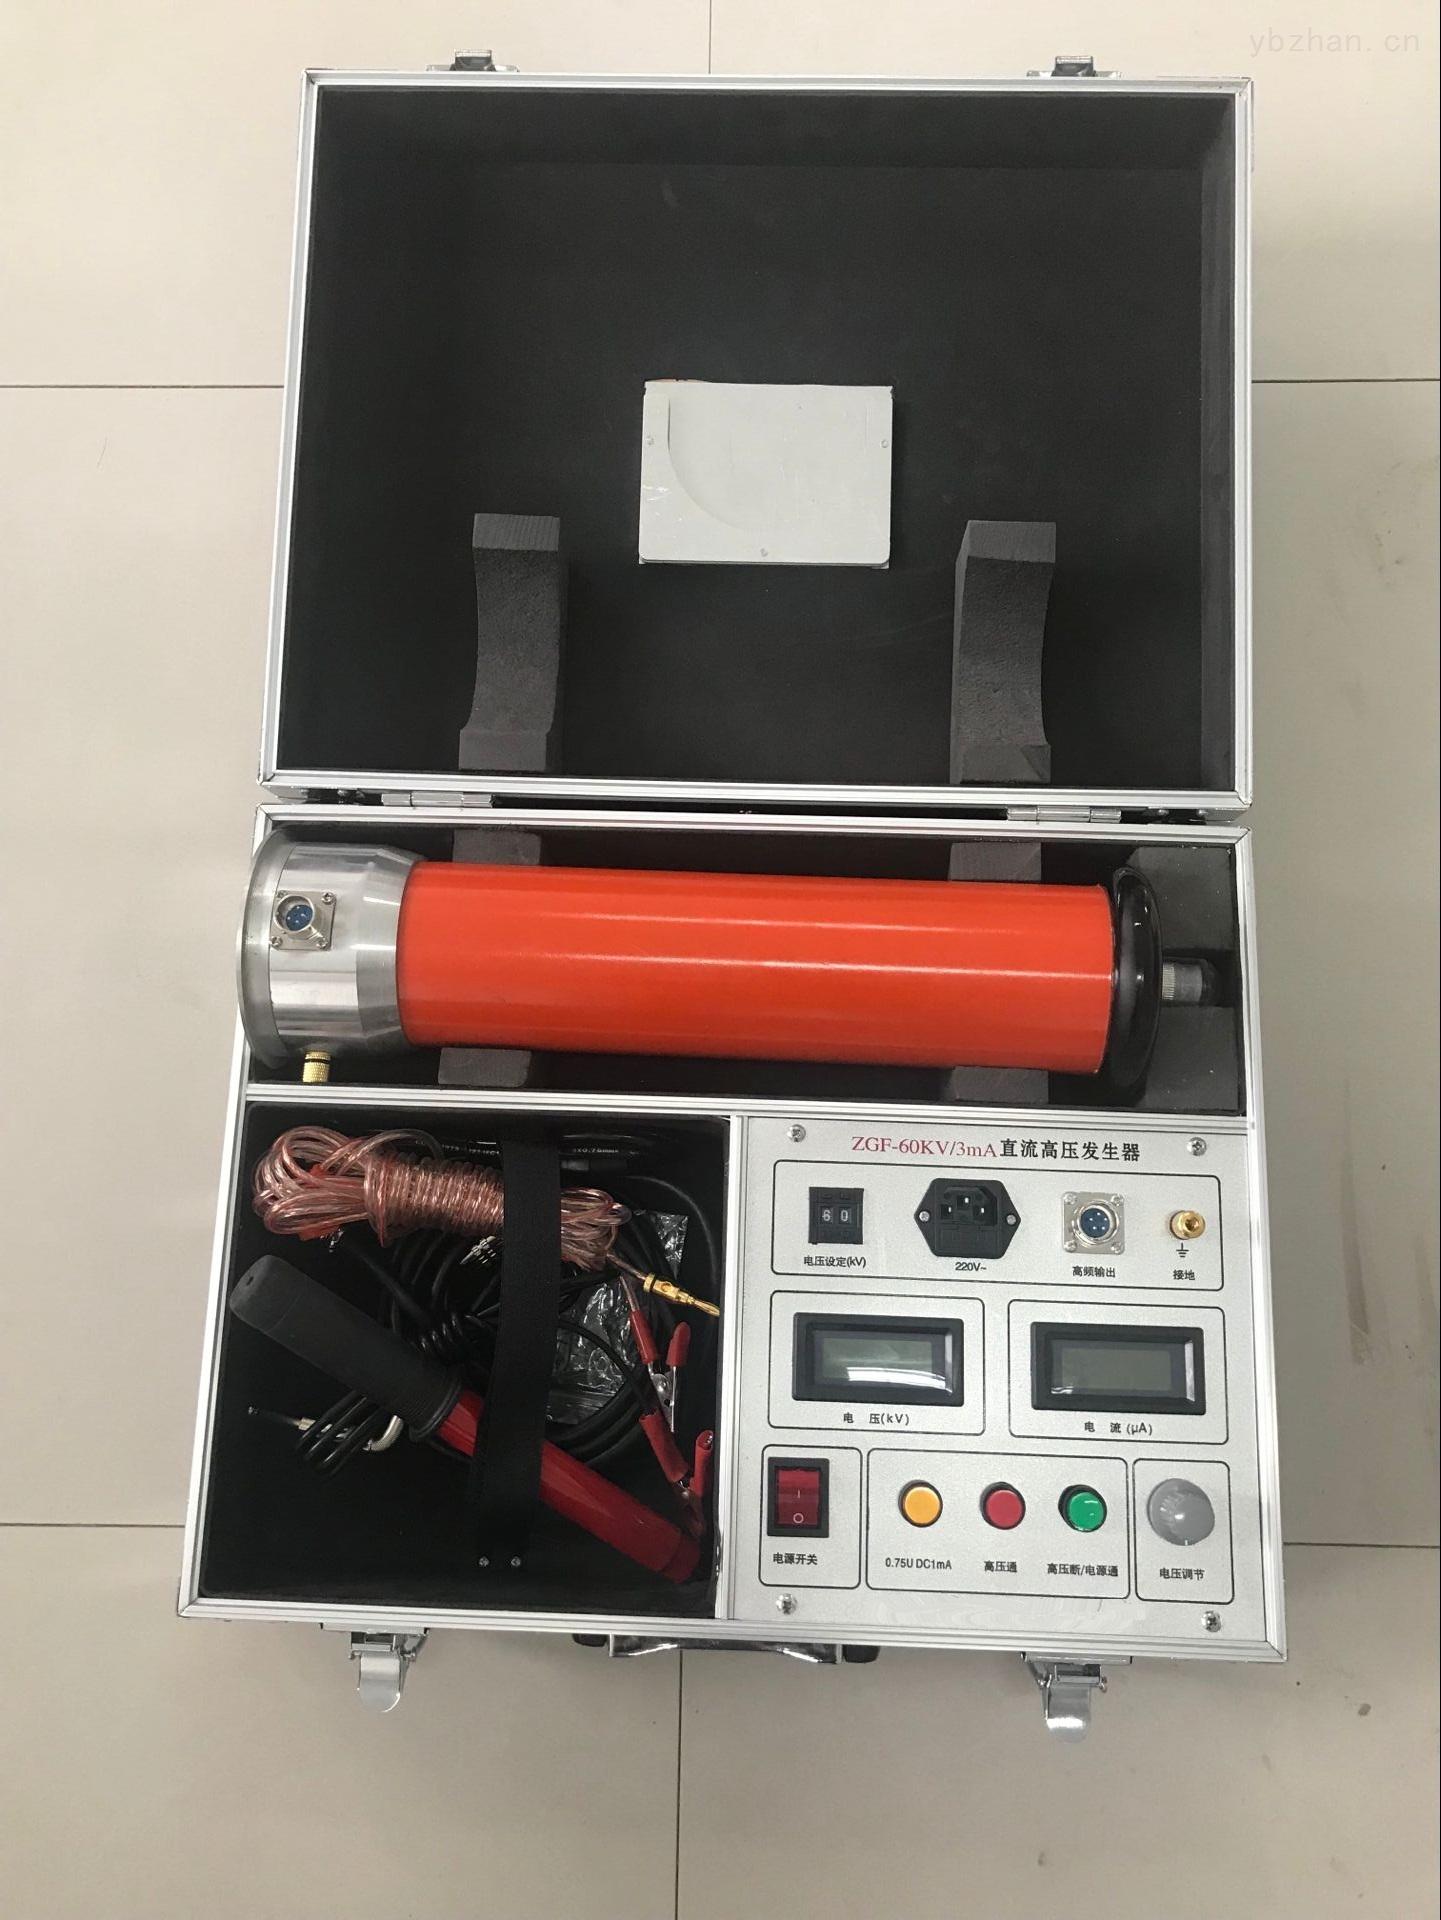 ZGF-60KV/2mA直流高压发生器